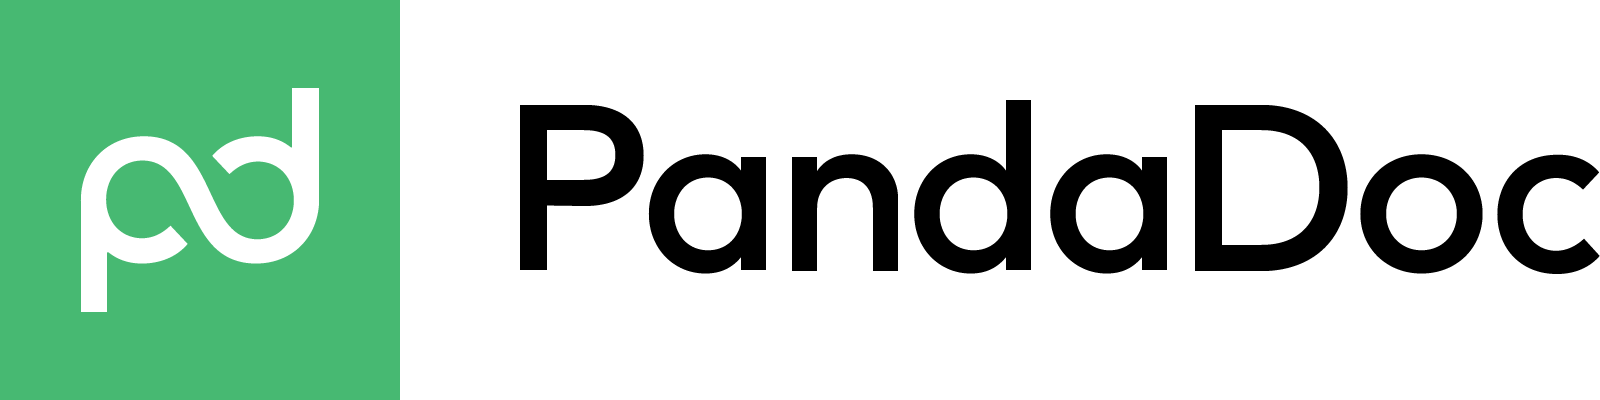 PandaDoc_Logo_PNG